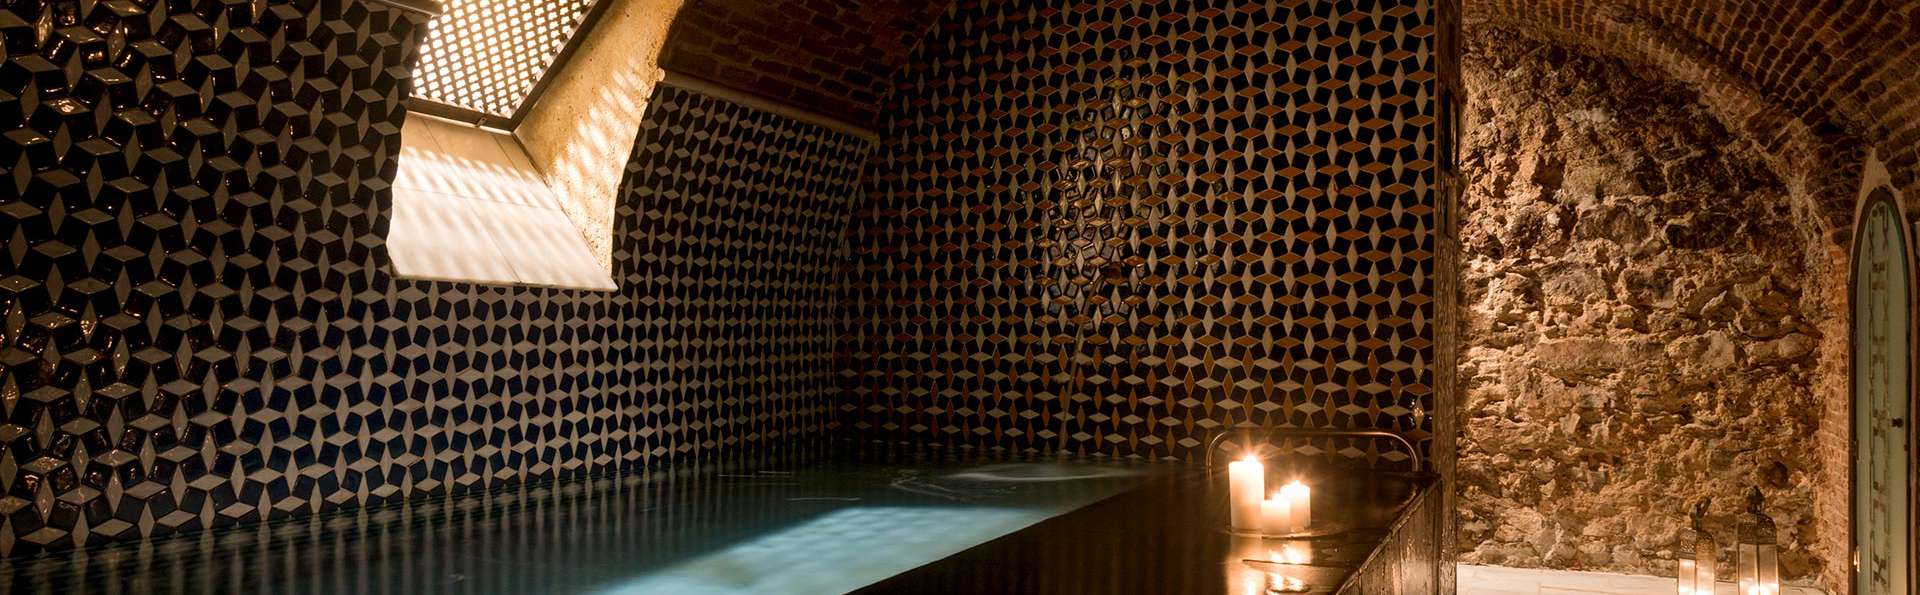 Oosterse aroma's in de Arabische baden van Madrid